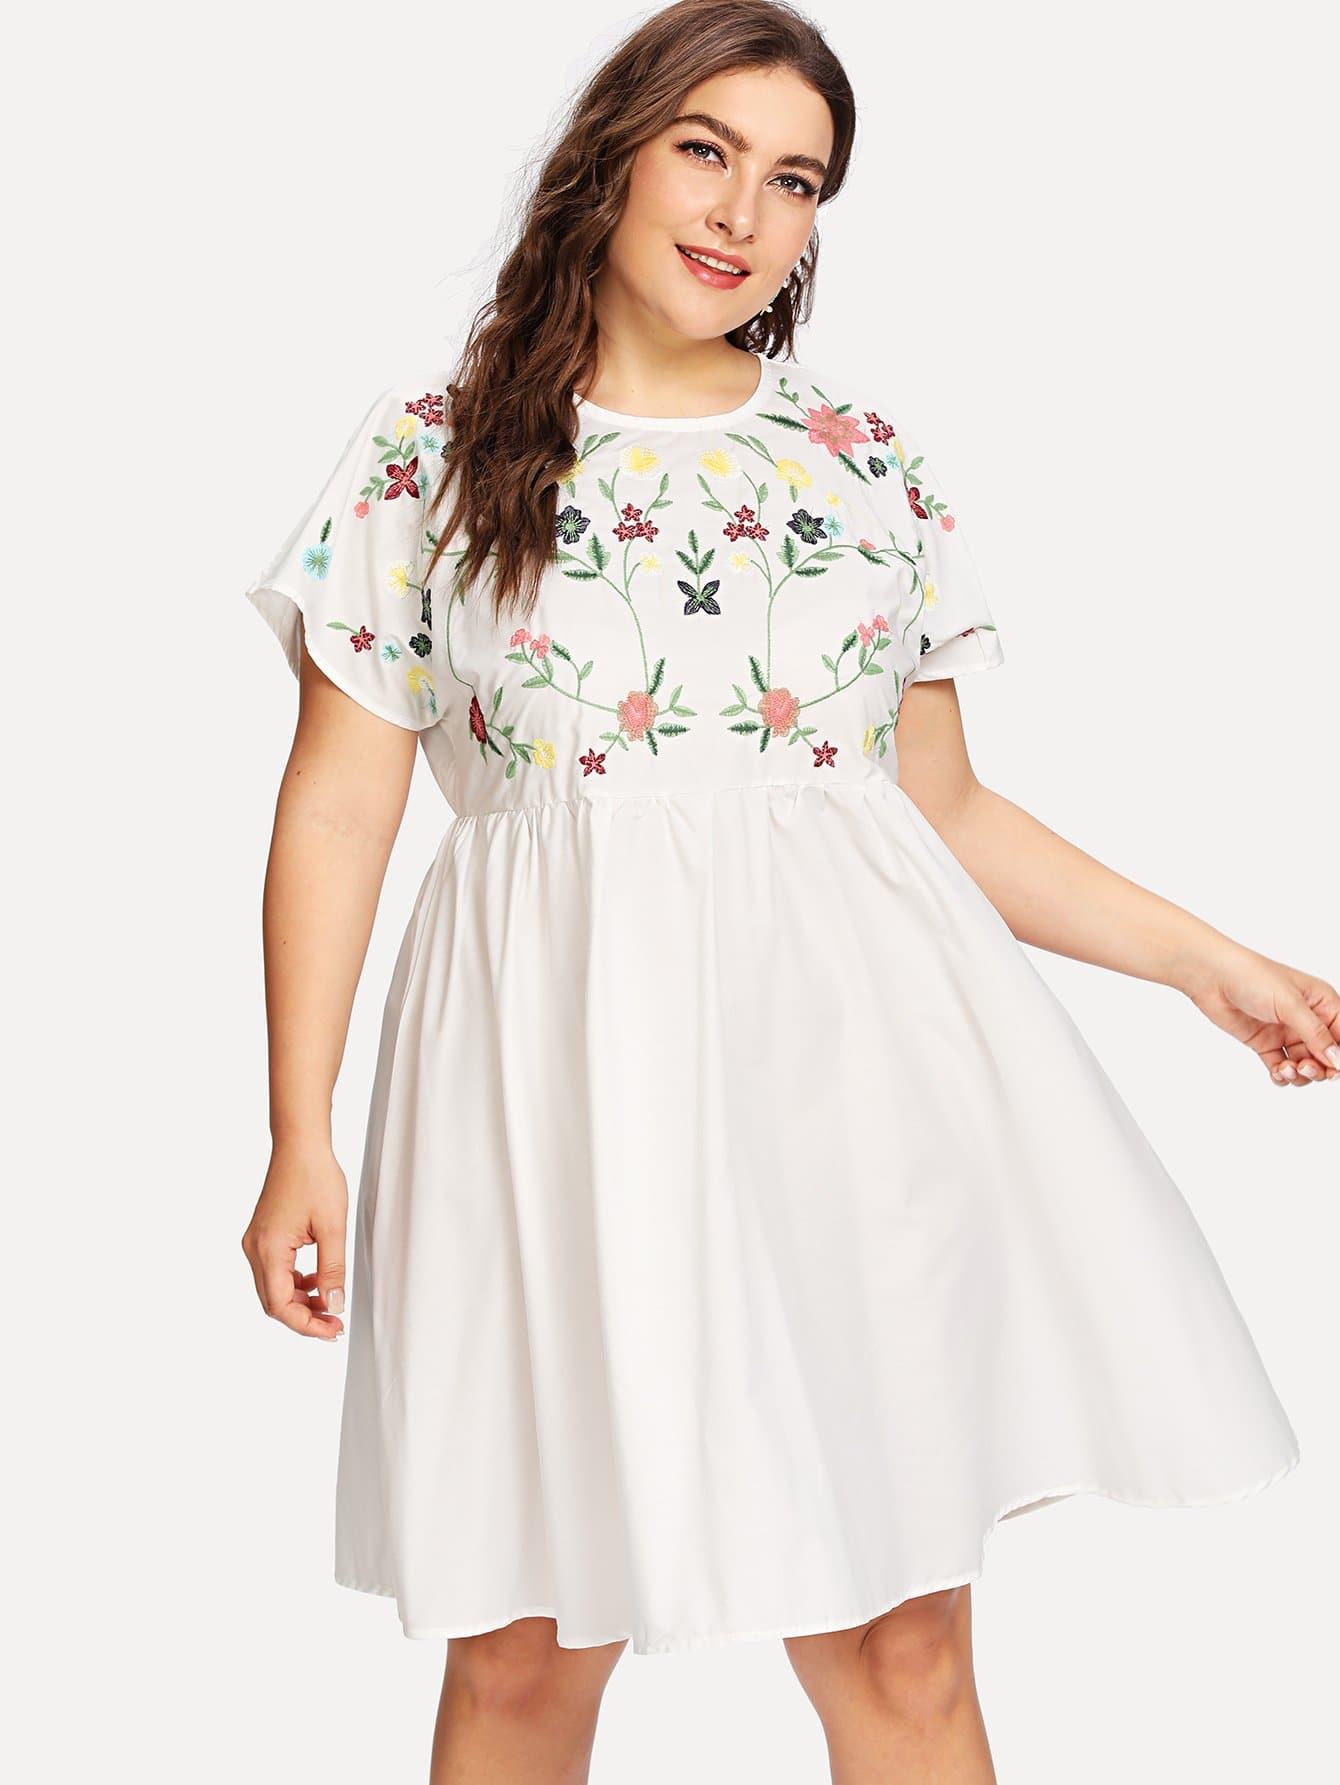 Купить Платье с вышивкой цветы и широкими рукавами, Franziska, SheIn